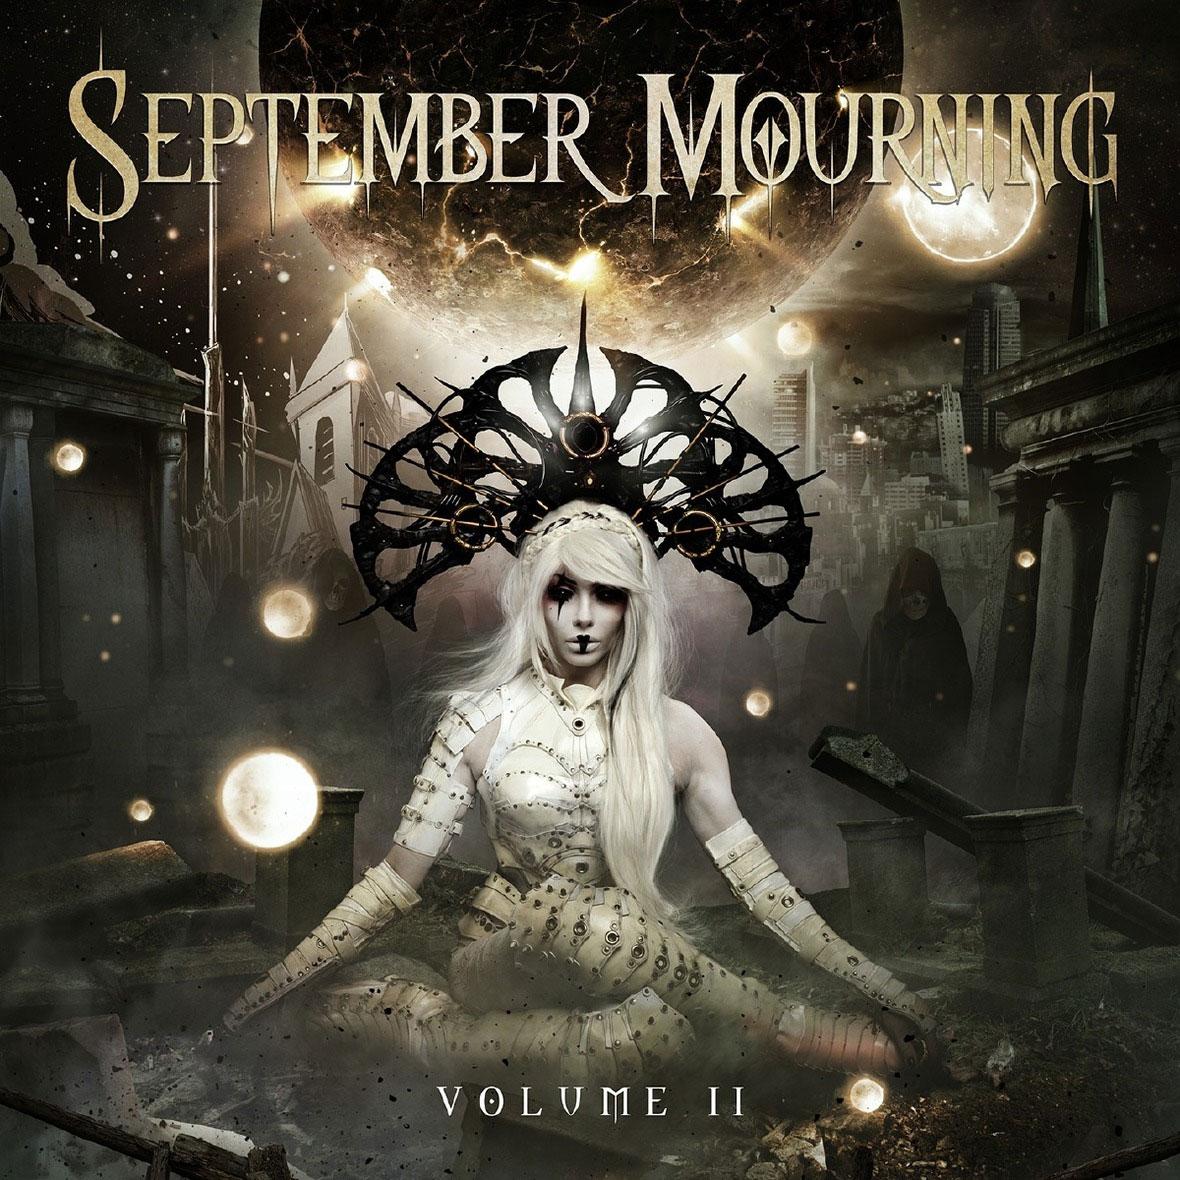 september_mourning_vol2.jpg